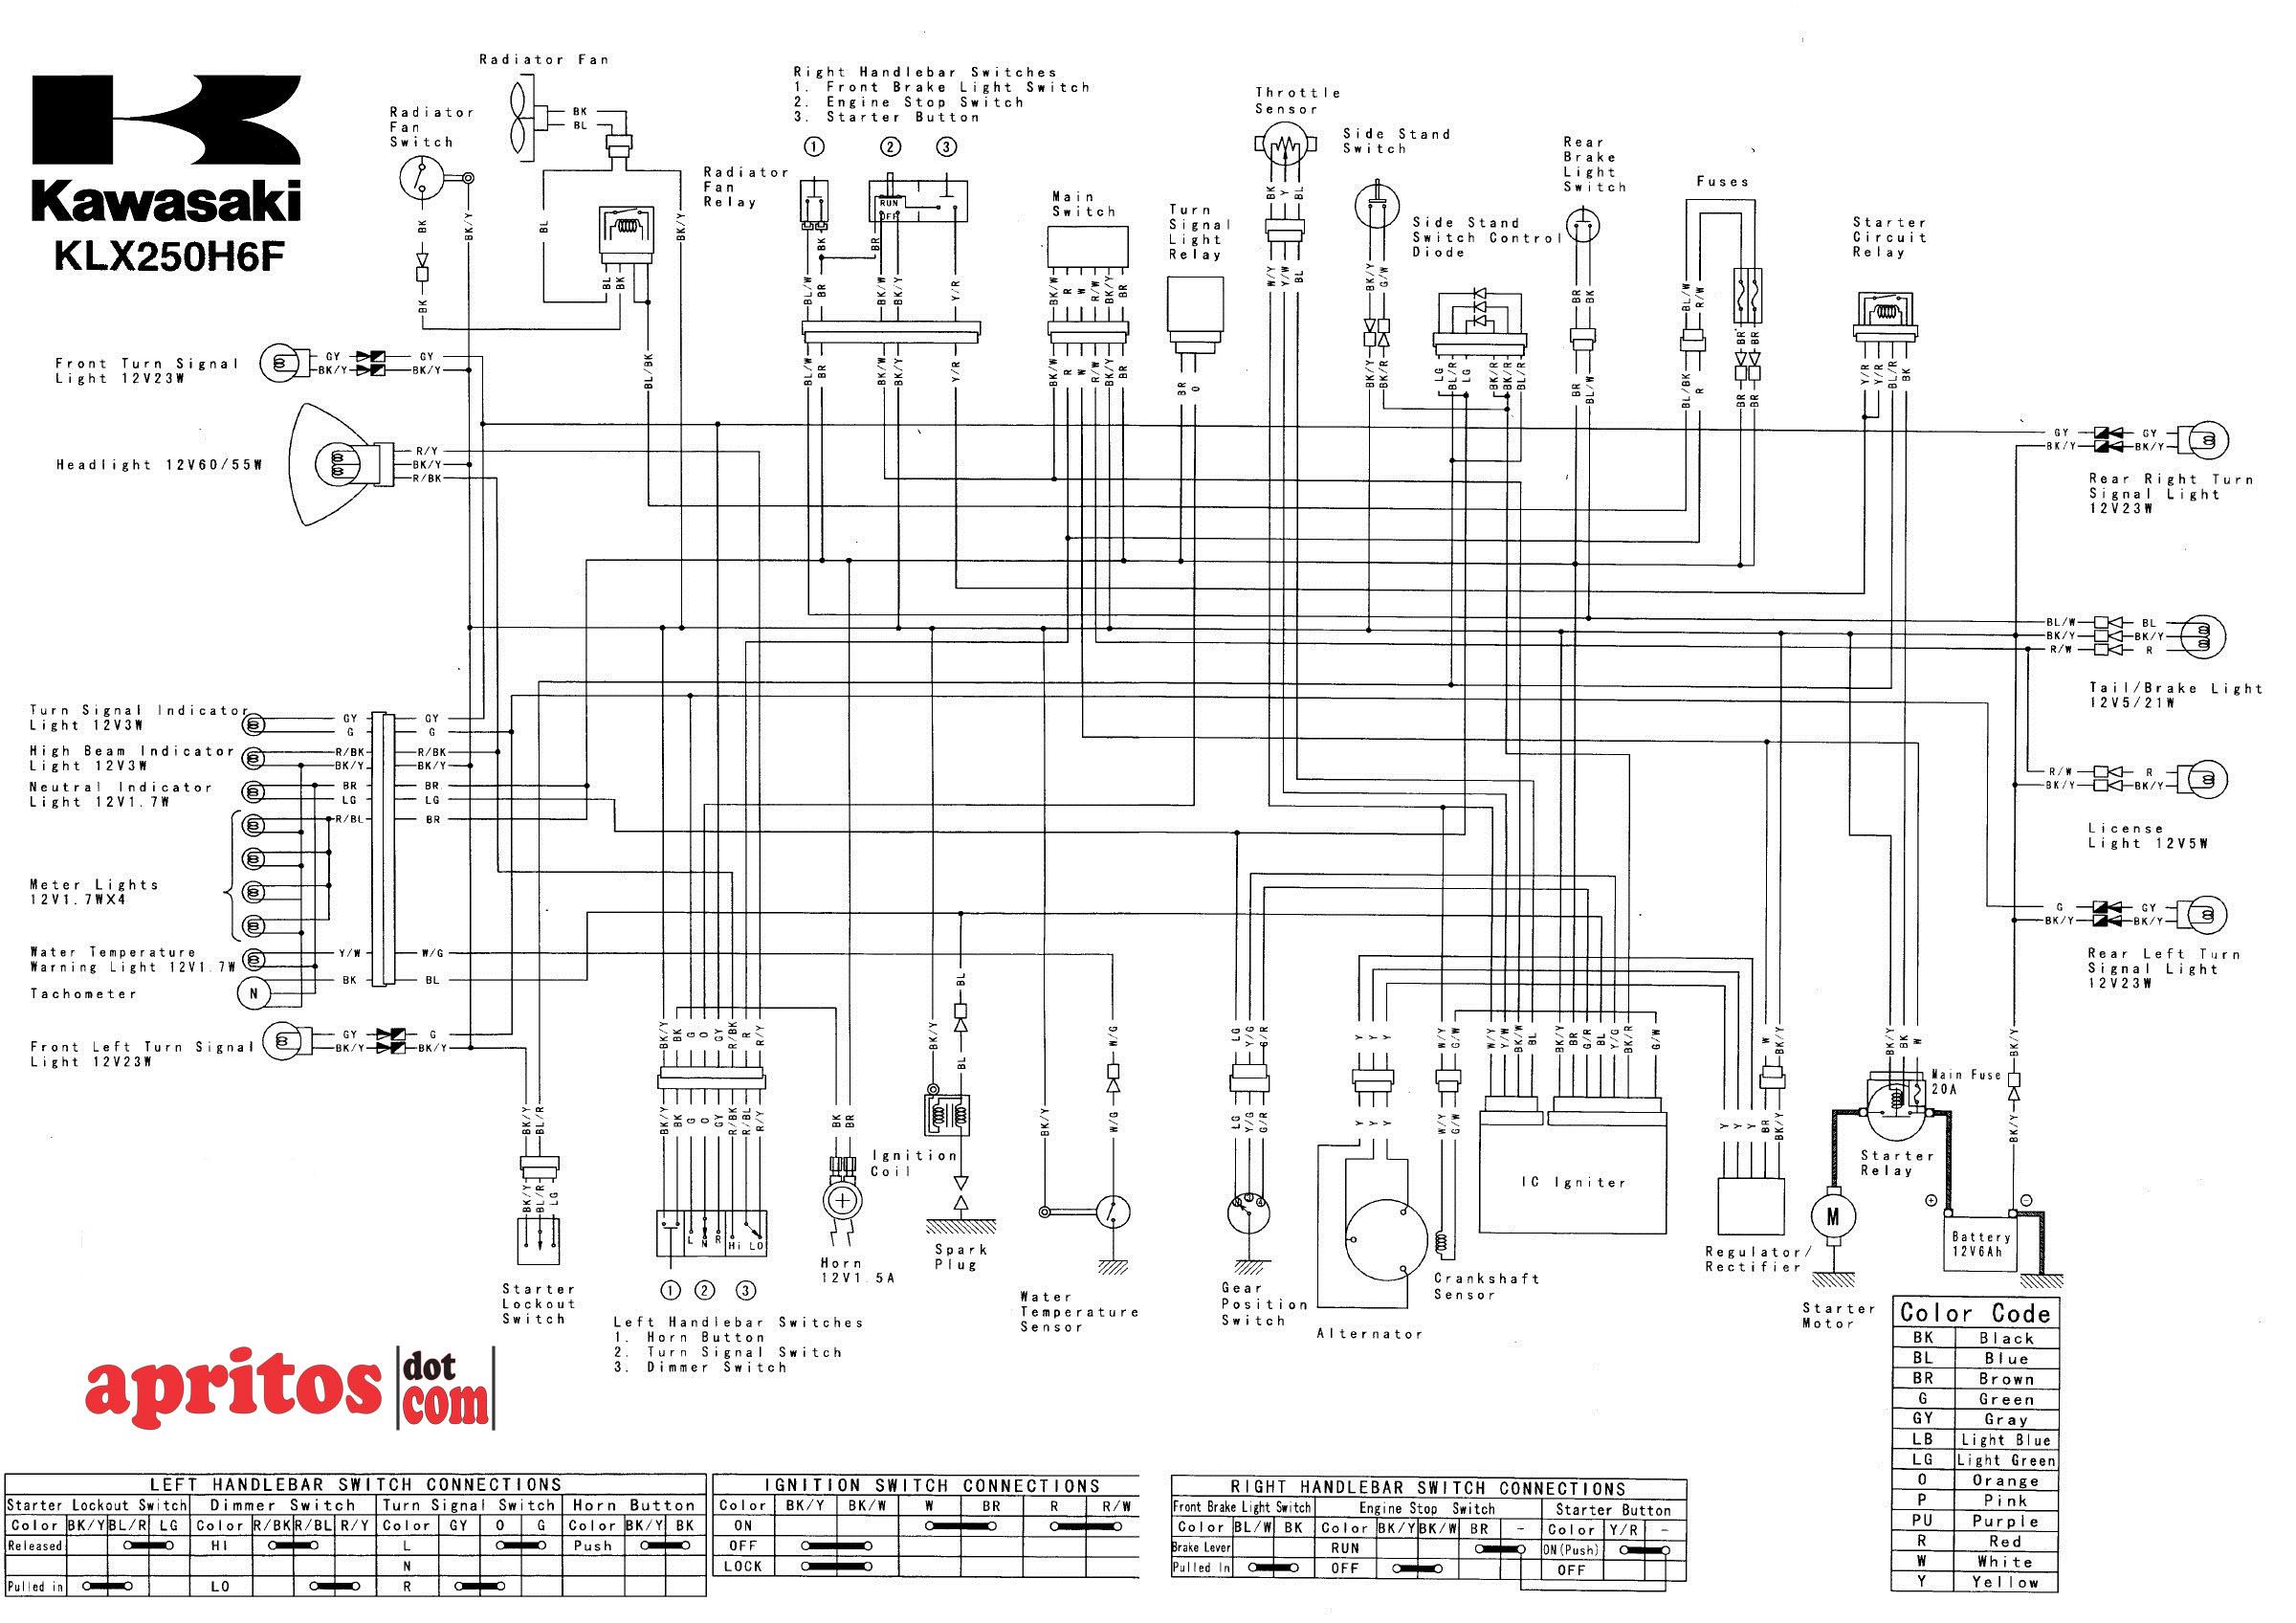 2007 klx 250 workshop manual